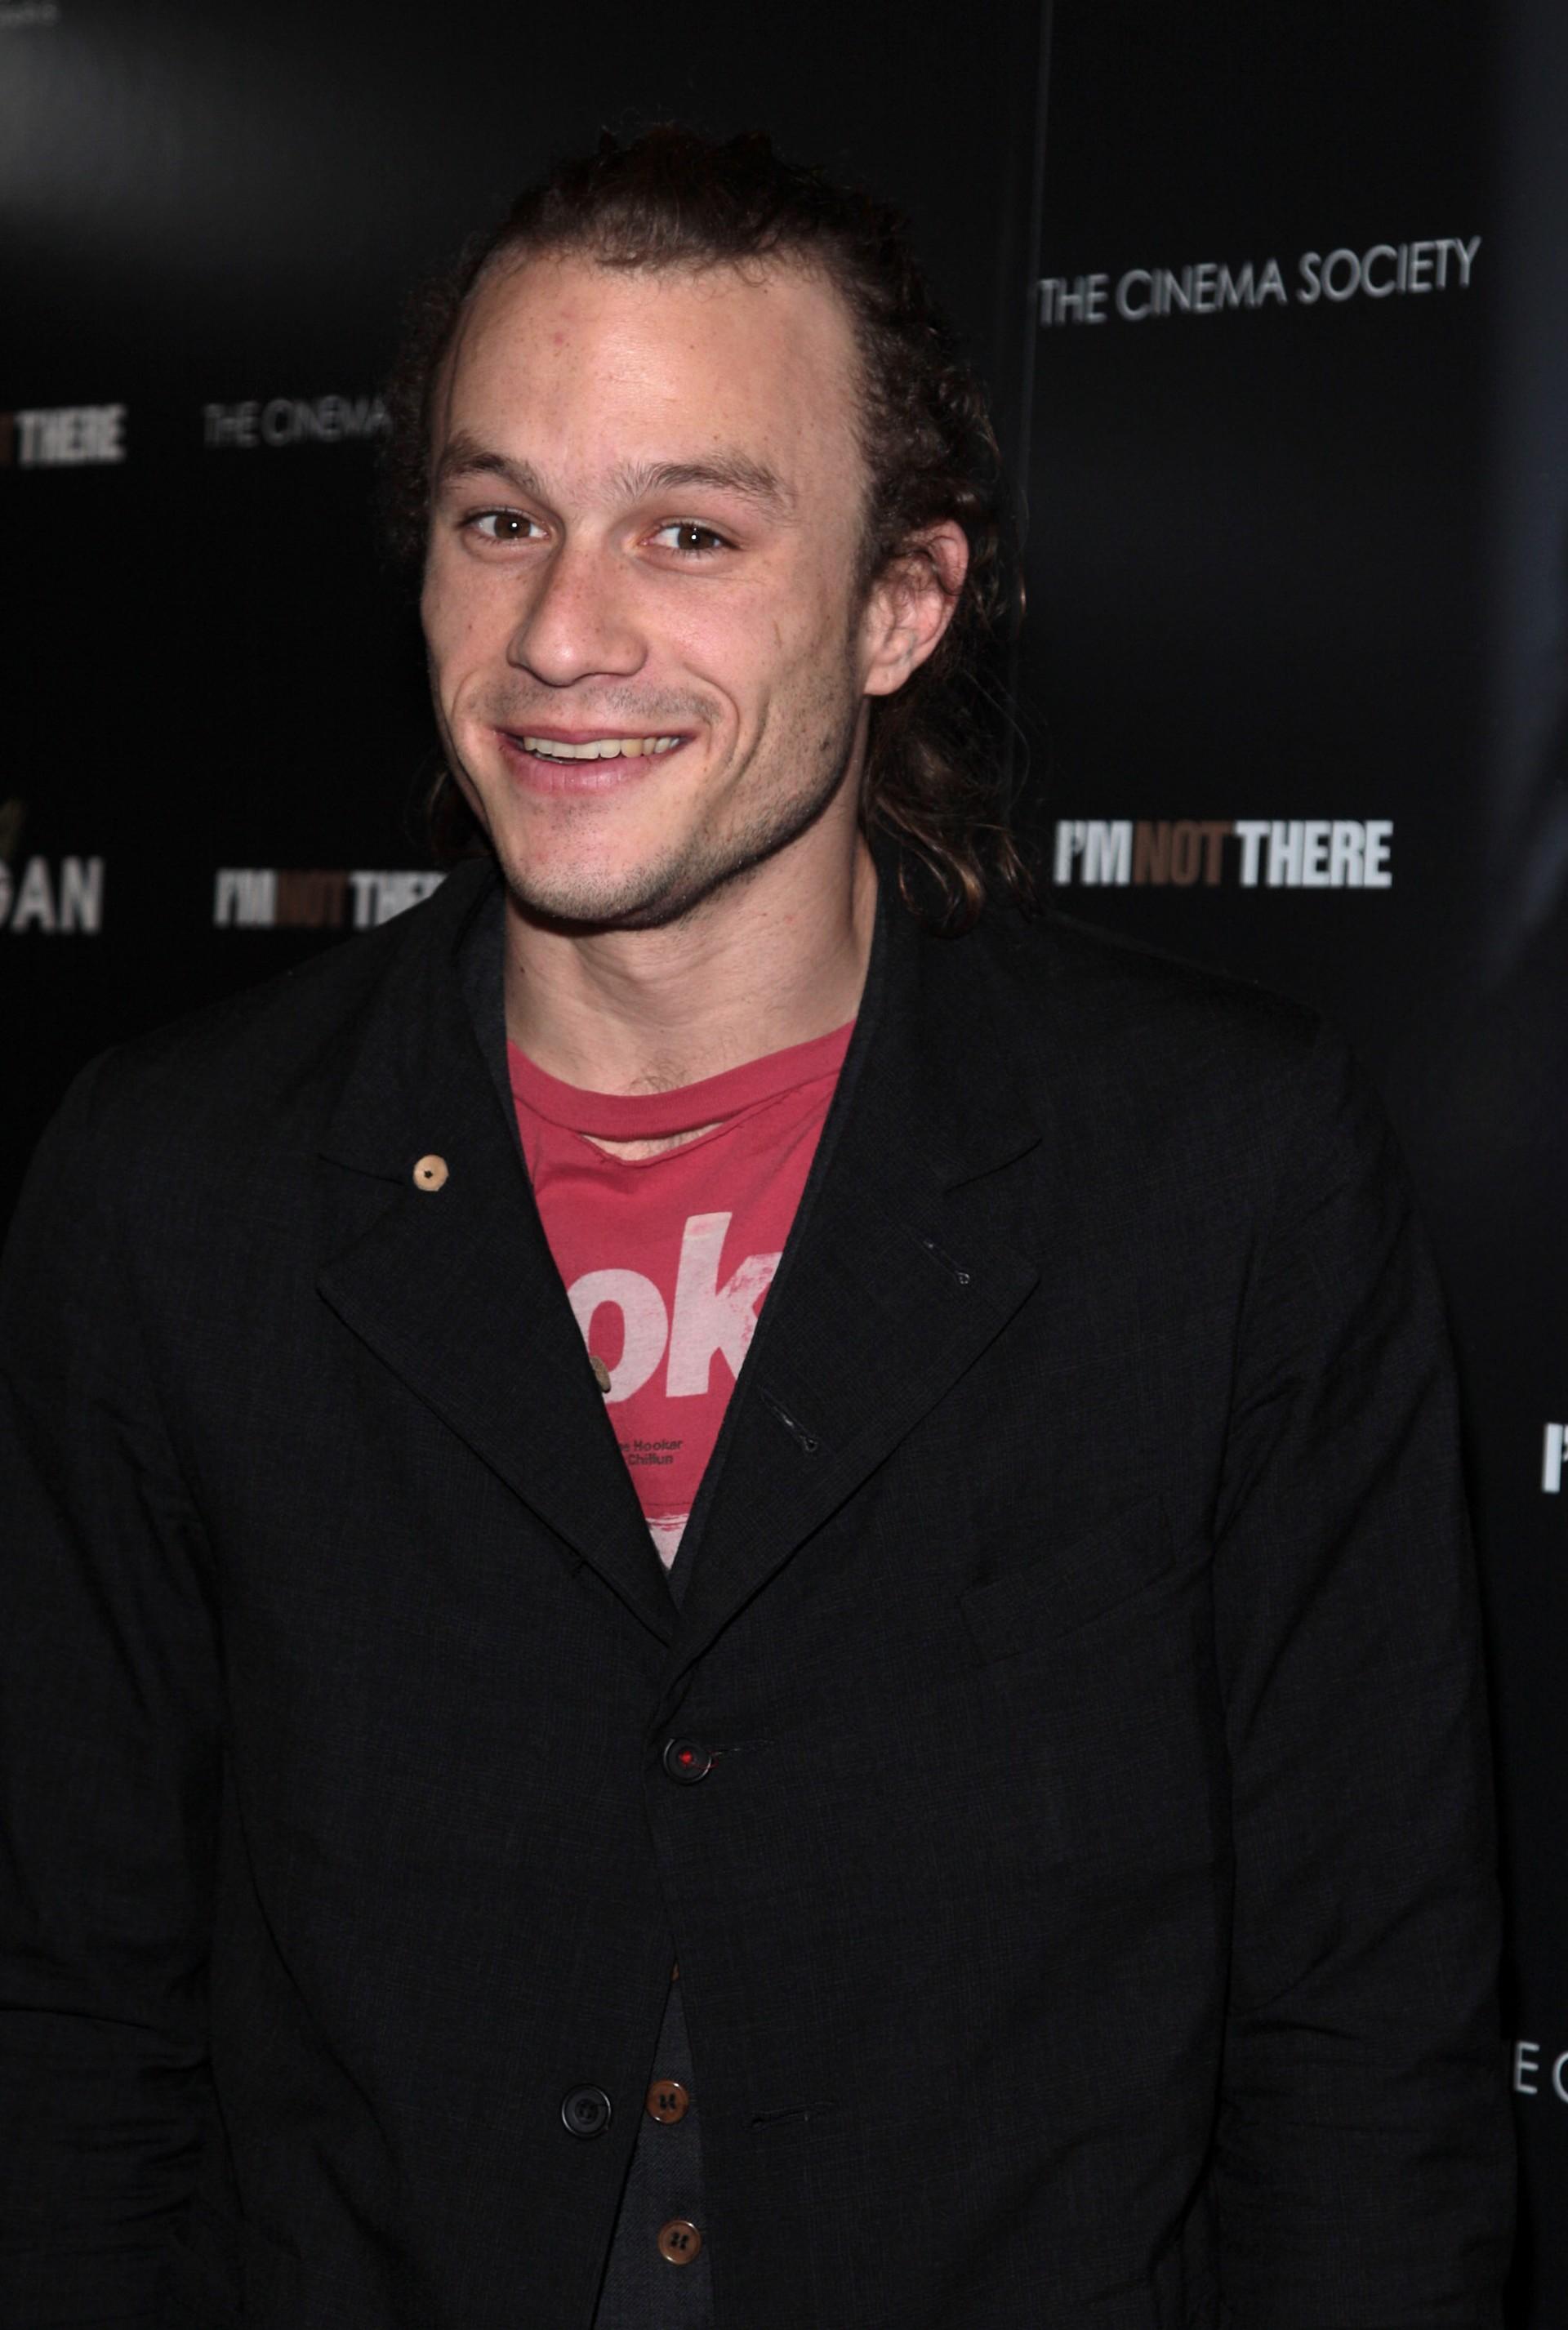 Embora curta, sua carreira abrangeu diversos gêneros cinematográficos, como o teen '10 Coisas Que Eu Odeio Em Você' (1999), o aclamado drama 'O Segredo de Brokeback Mountain' (2005) e a ação 'O Patriota' (2000). Ele havia terminado há pouco de filmar o Coringa em 'Batman – O Cavaleiro das Trevas' (2008) quando foi encontrado morto no seu apartamento em Manhattan. Segundo as análises dos legistas, ele morreu devido a uma combinação letal de drogas, tais como oxicodona, hidrocodona, diazepam, temazepam, alprazolam e doxylamine. Após a morte, ele ganhou o Oscar de Melhor Ator Coadjuvante, por 'Batman'. (Foto: Getty Images)